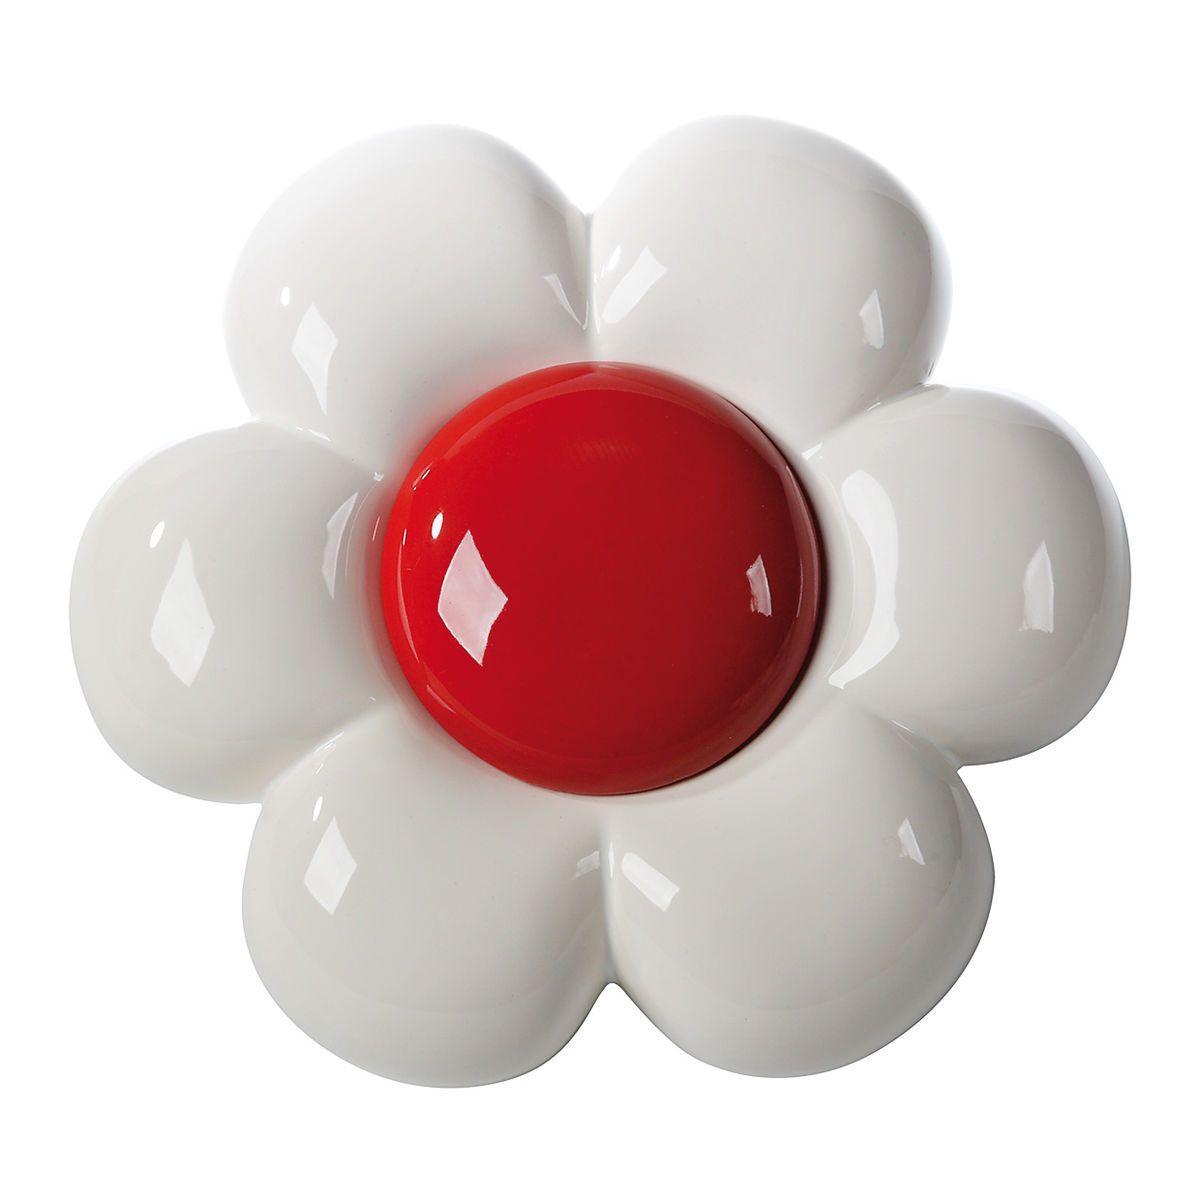 Decorazione da parete in ceramica a forma di fiore bianco con grande capolino rosso